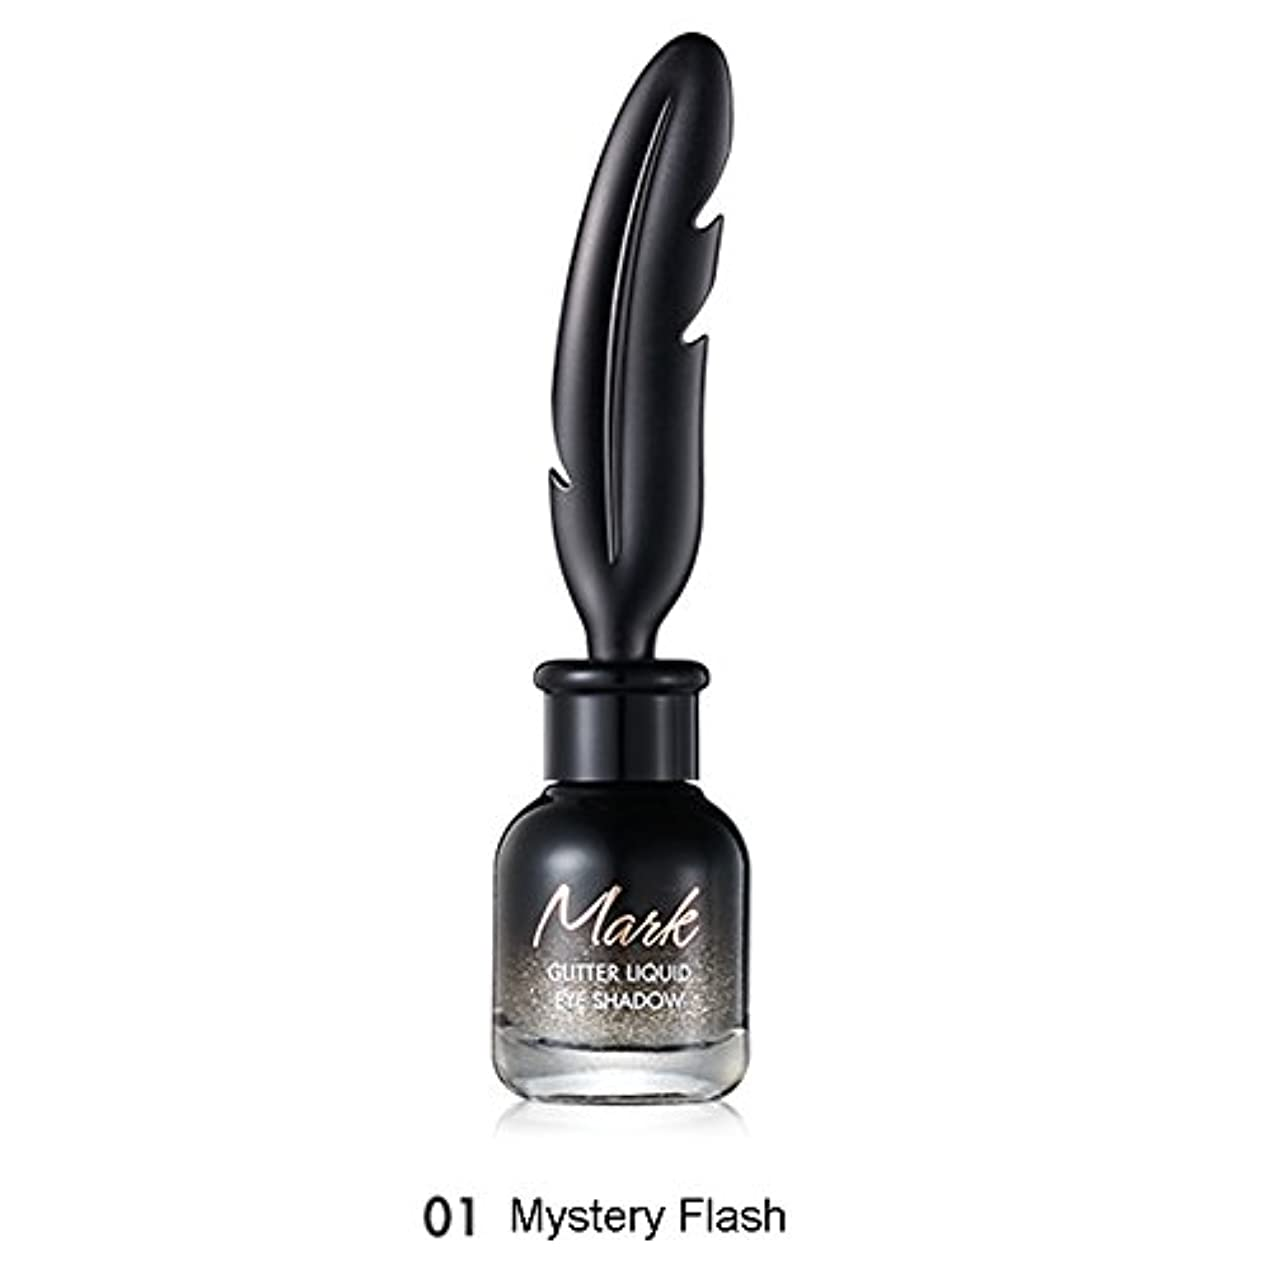 登山家活性化わずかなトニモリー TONYMOLY Mark Glitter Liquid Eye Shadow #01 Mystery Flash